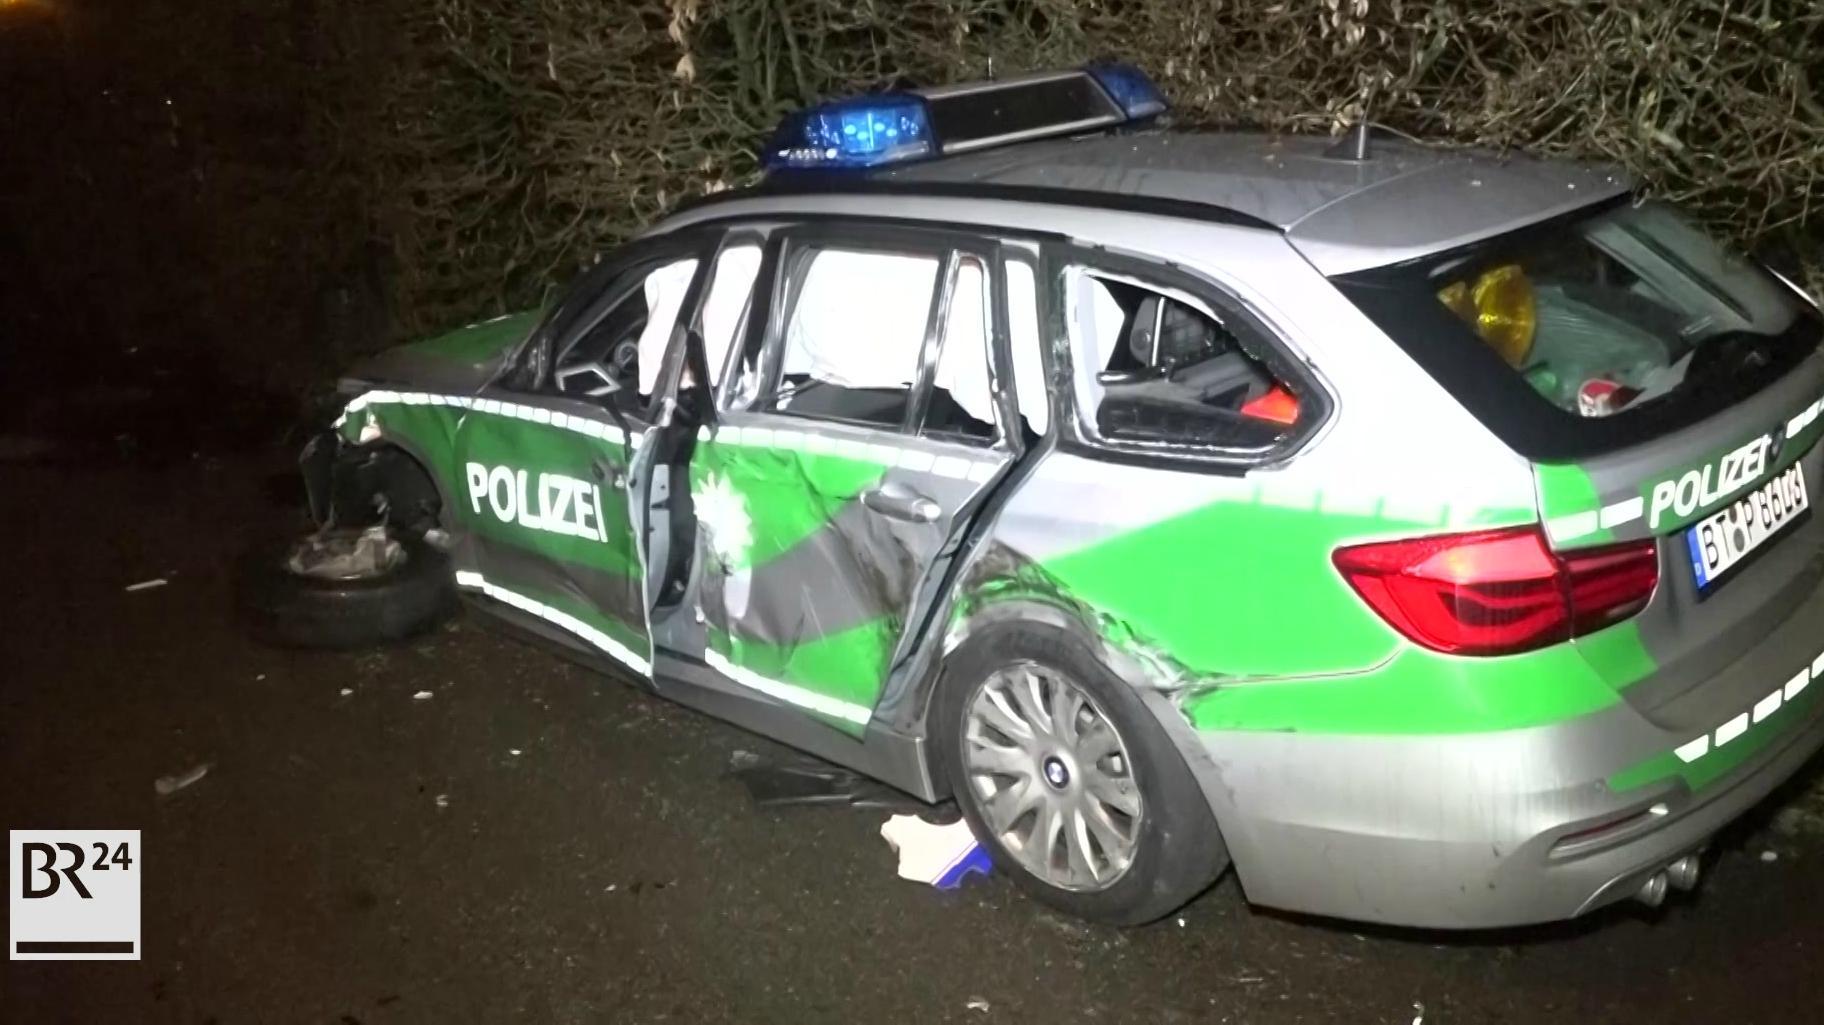 Demolierter Streifenwagen der Polizei